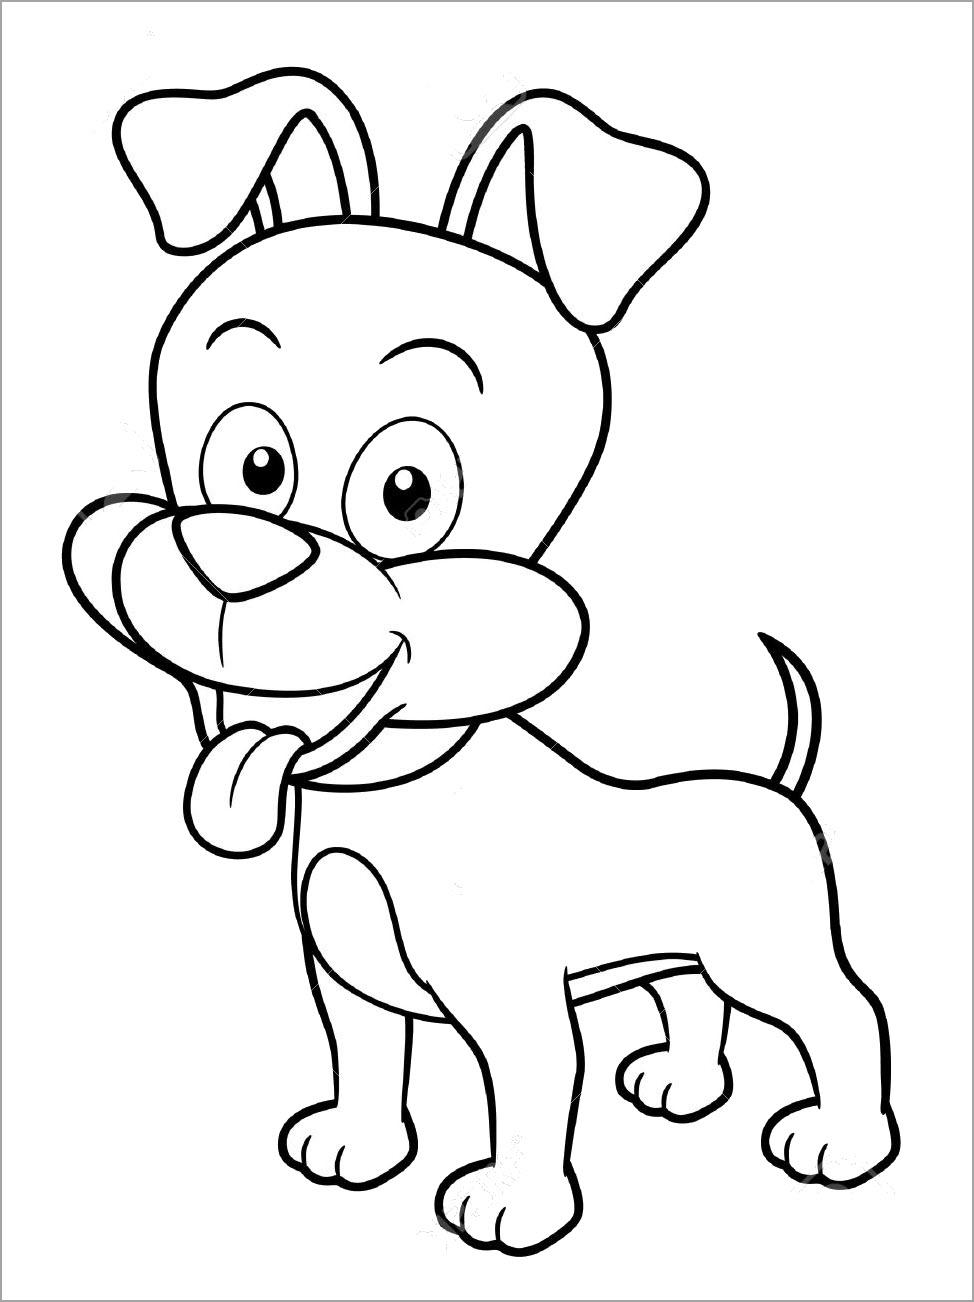 Tranh tô màu con chó dễ thương